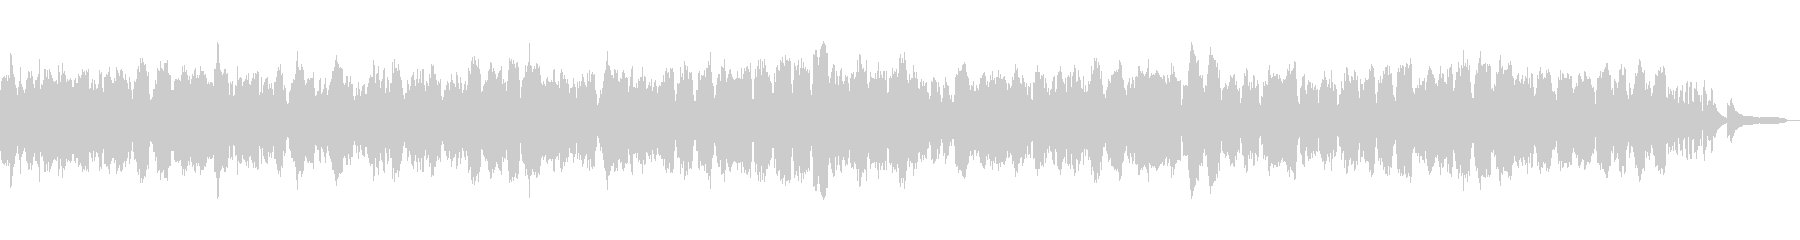 ヒーリングクラシック「春の歌」106-2の未再生の波形